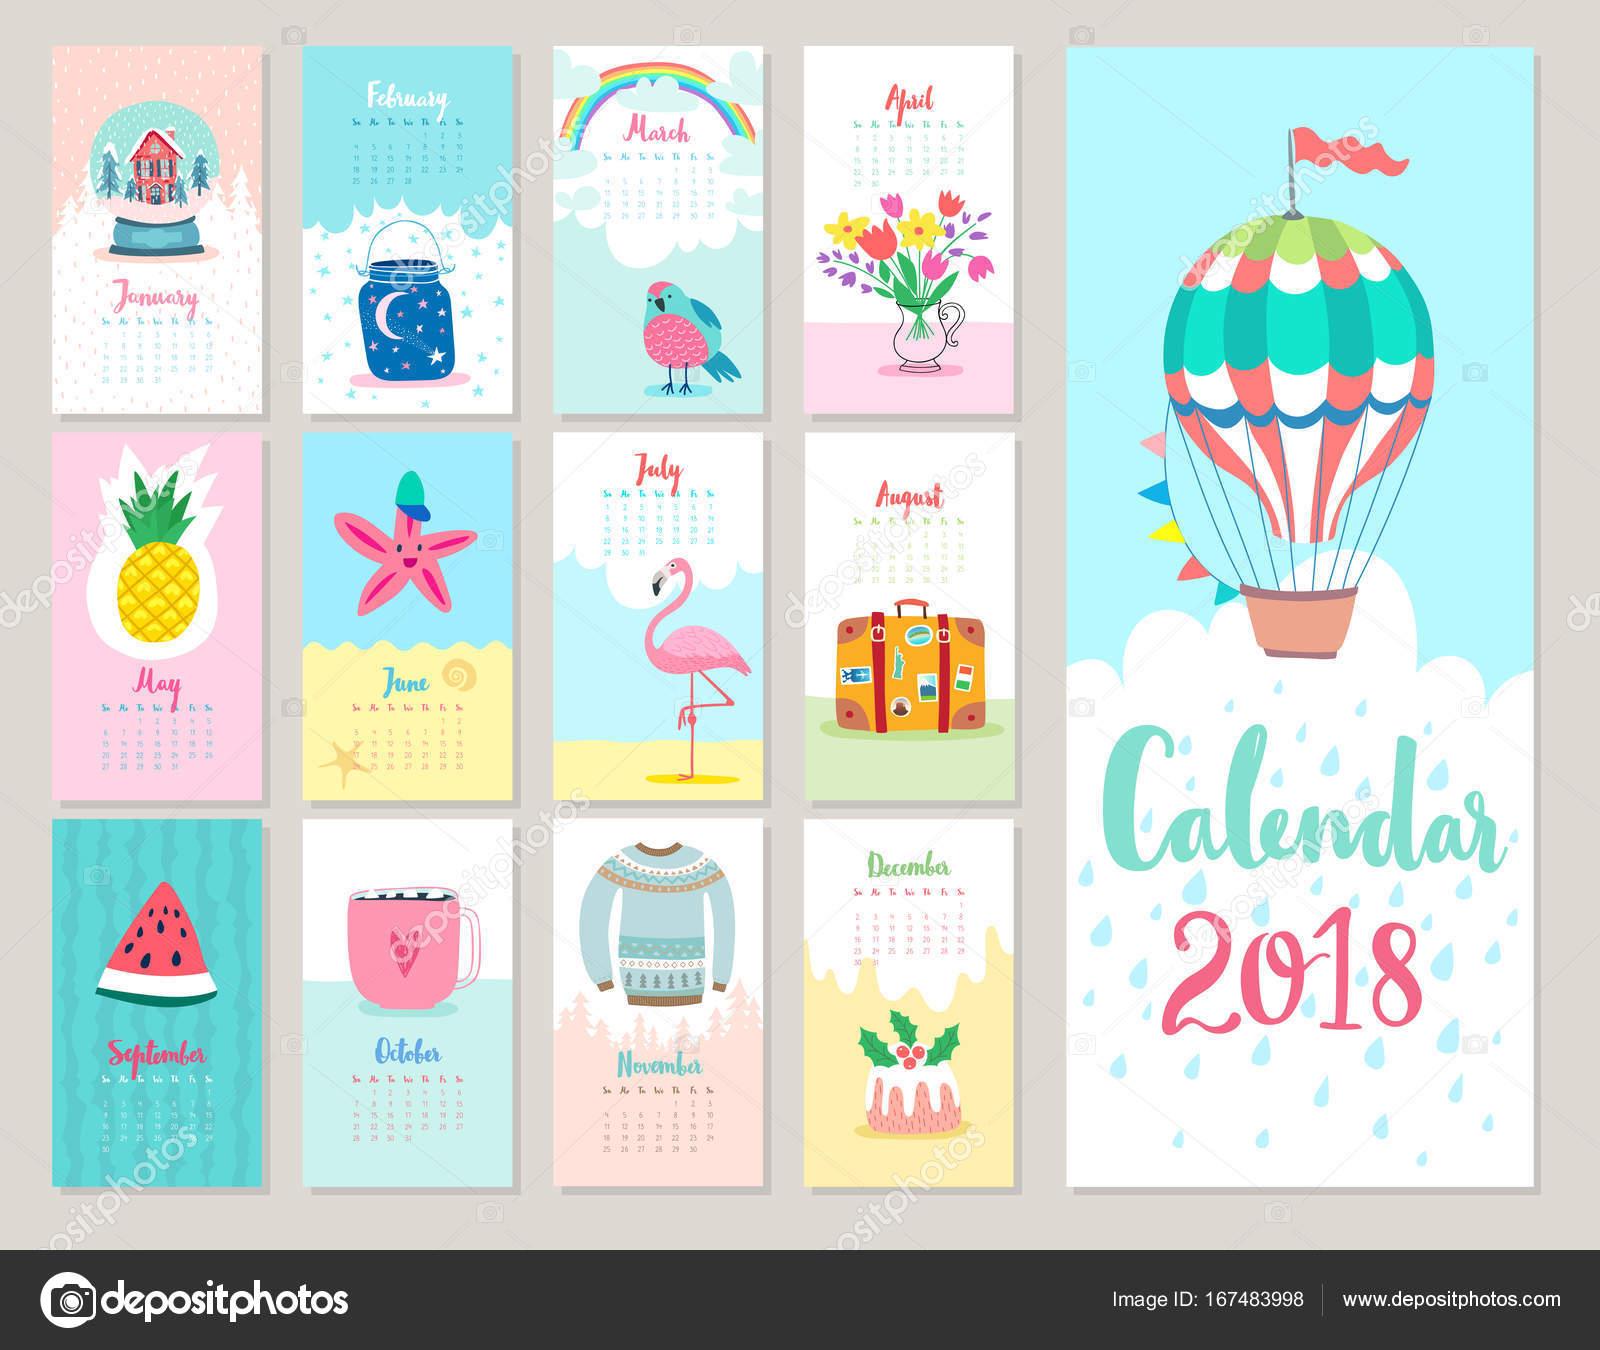 Weihnachts-Kalender 2018 — Stockvektor © aviany #167483998